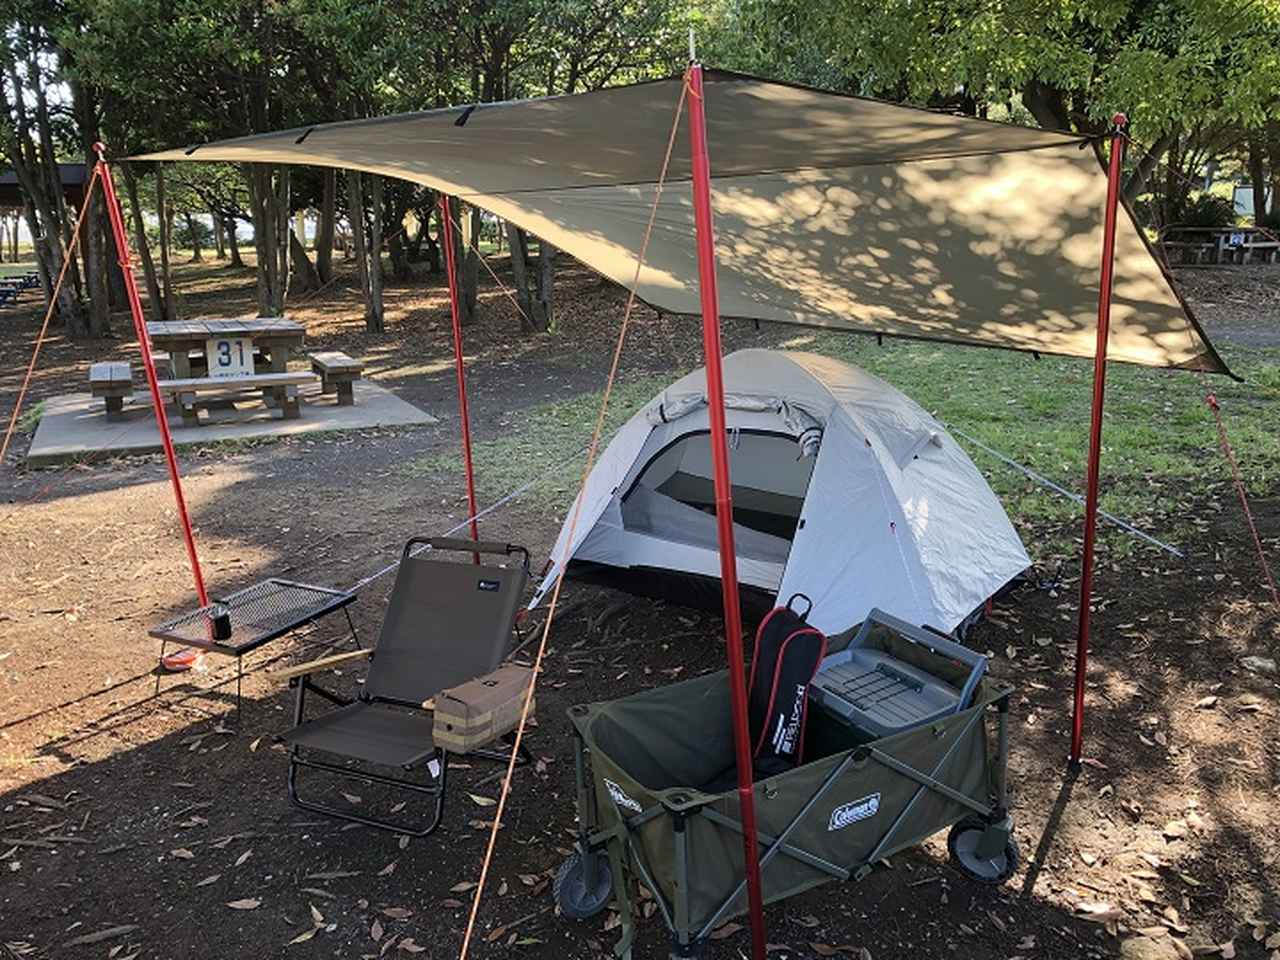 画像: みーこパパ推薦!ソロキャンプで使えるおすすめテント6選 - ハピキャン(HAPPY CAMPER)